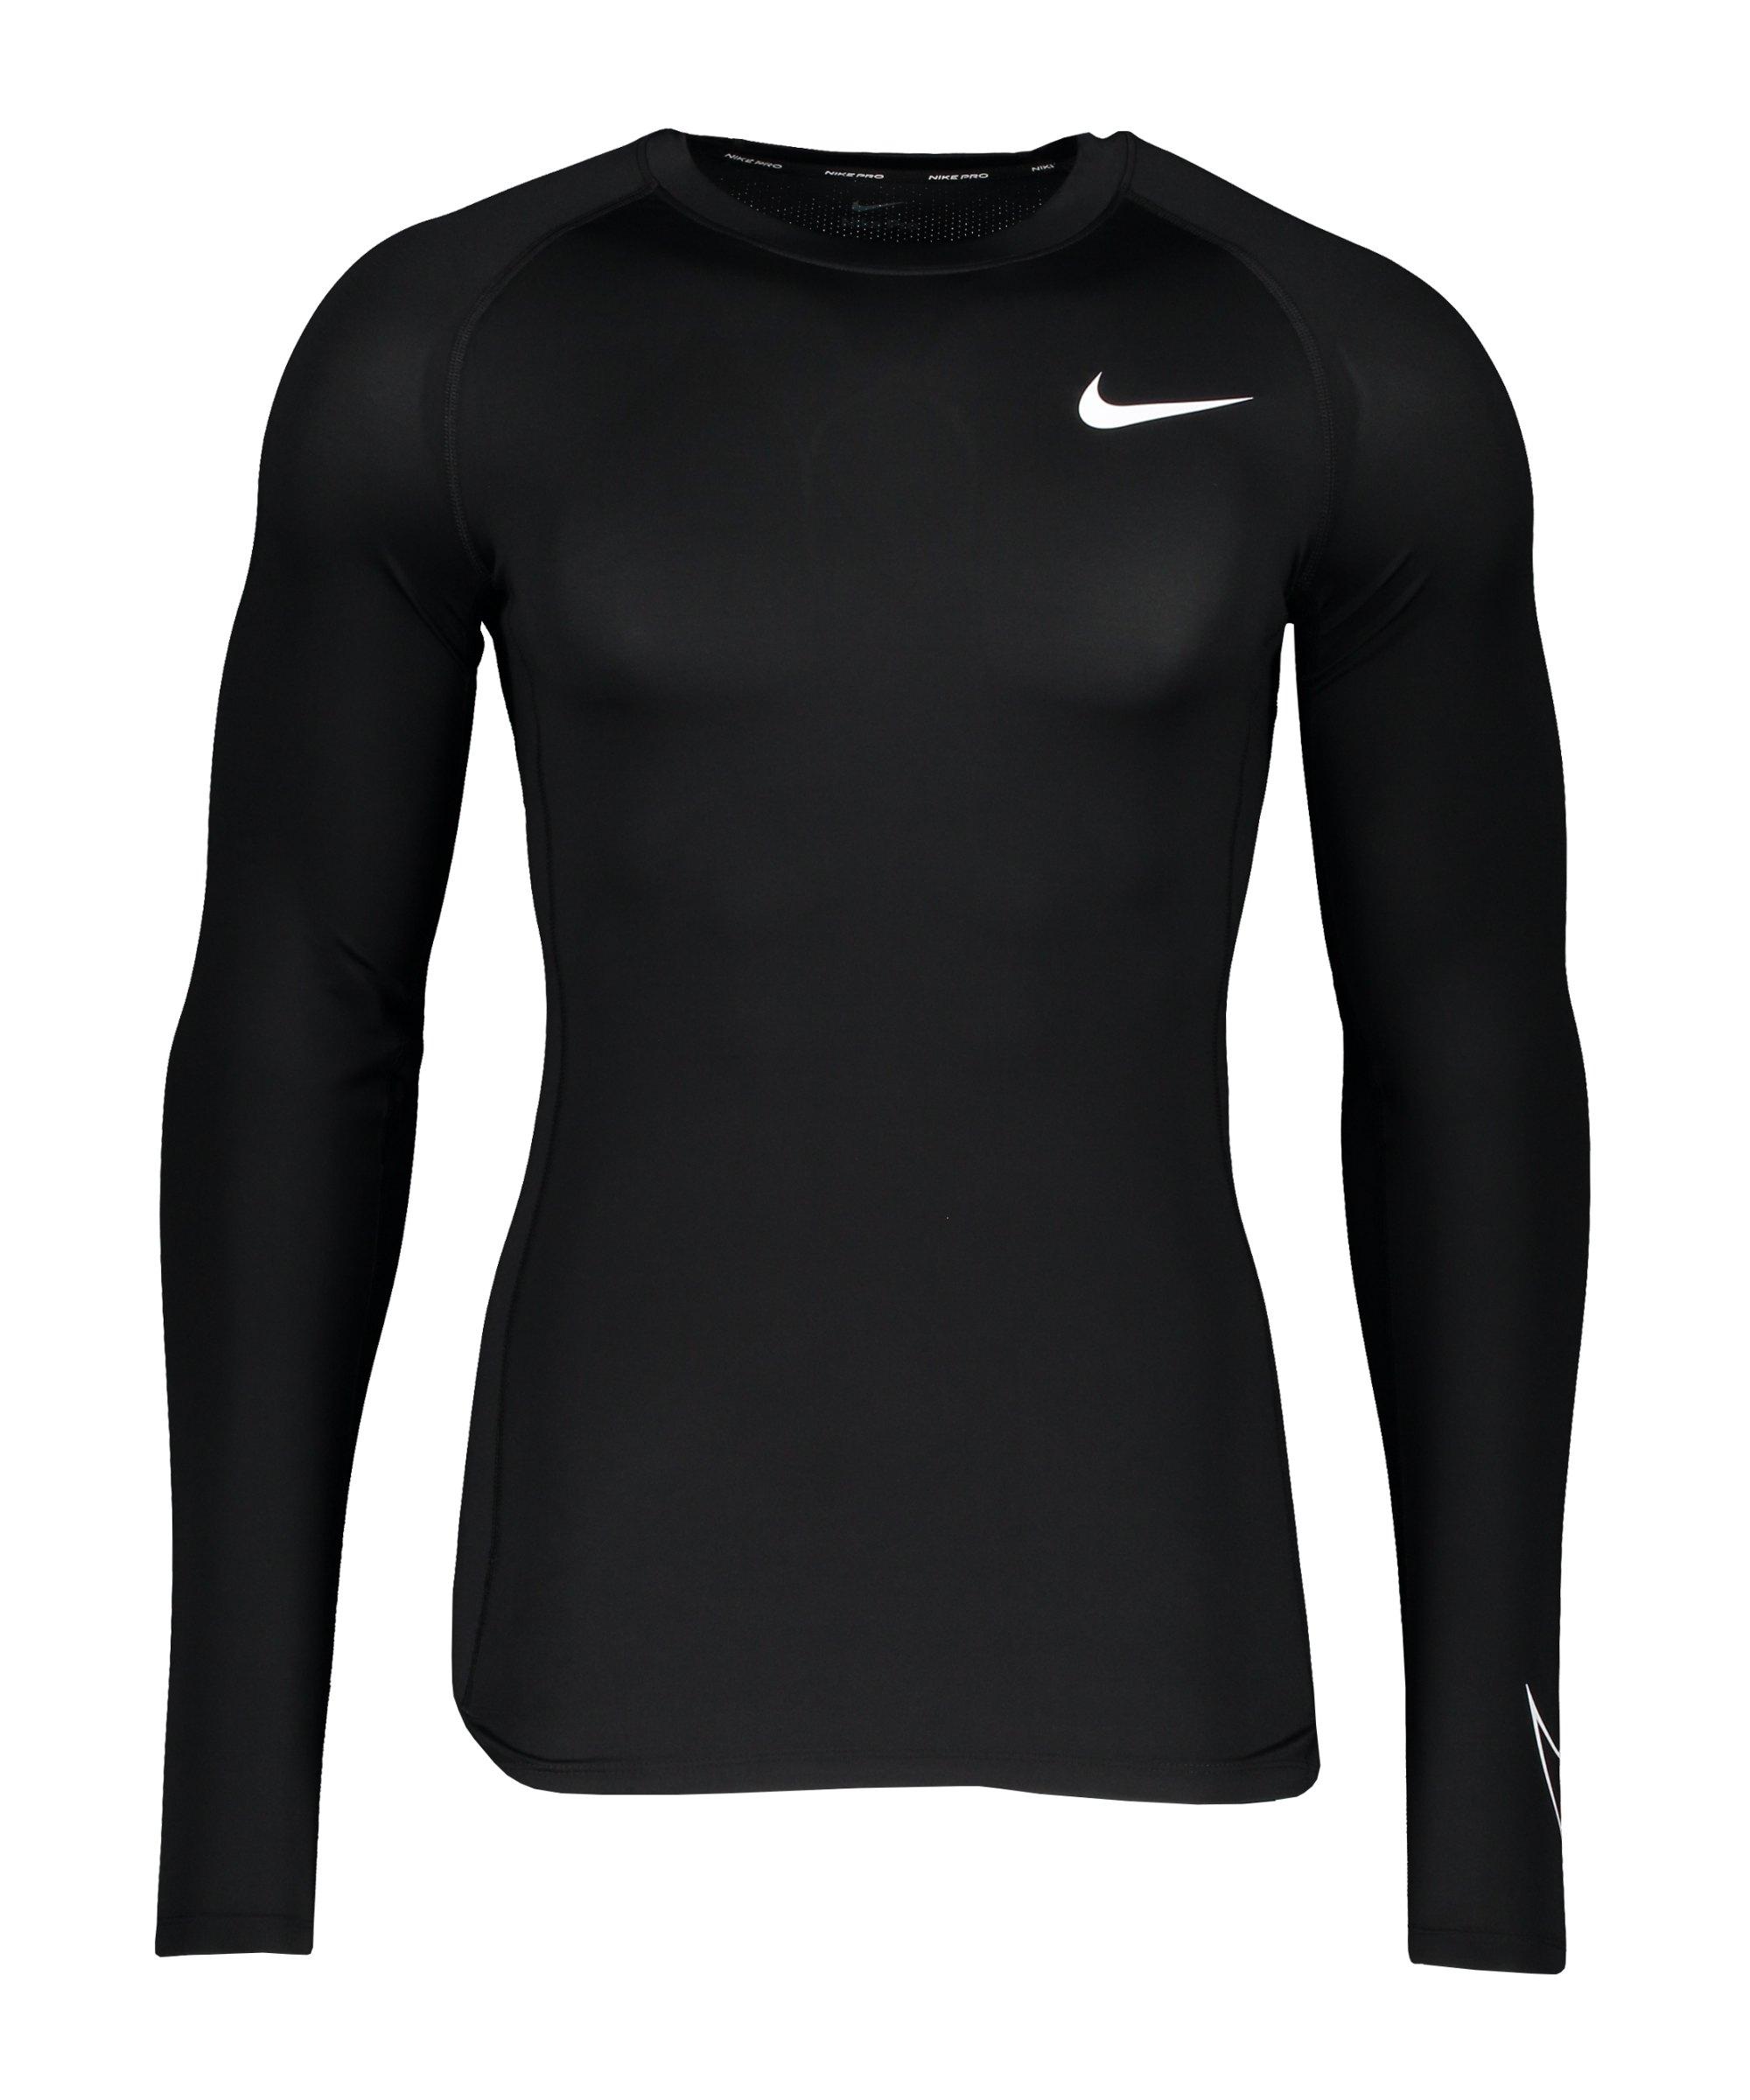 Nike Pro Longsleeve Schwarz Weiss F010 - schwarz